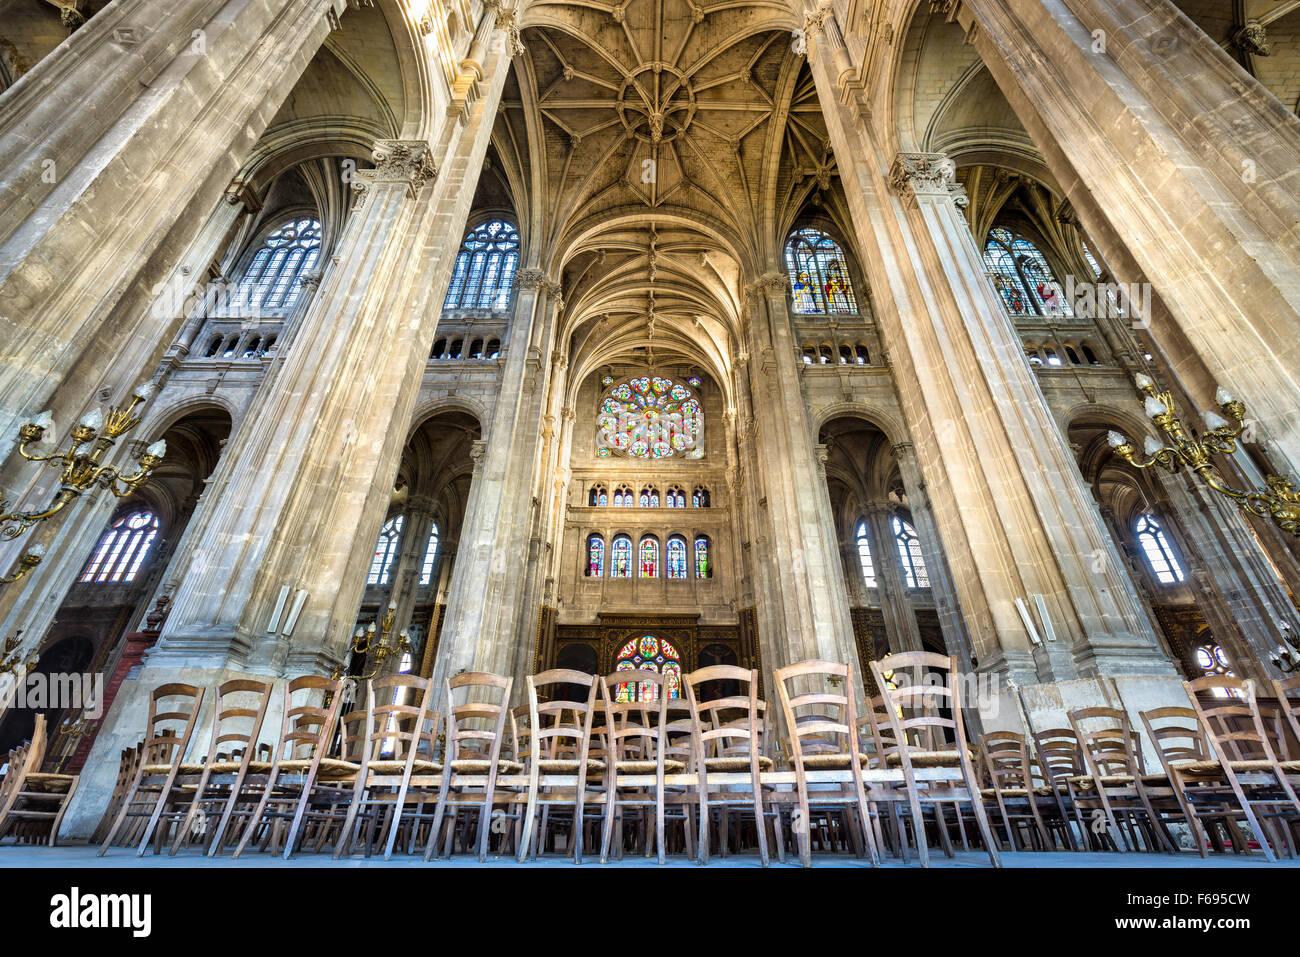 Transept avec voûtes, Église de Saint Eustache, un exemple d'architecture gothique française. Photo Stock